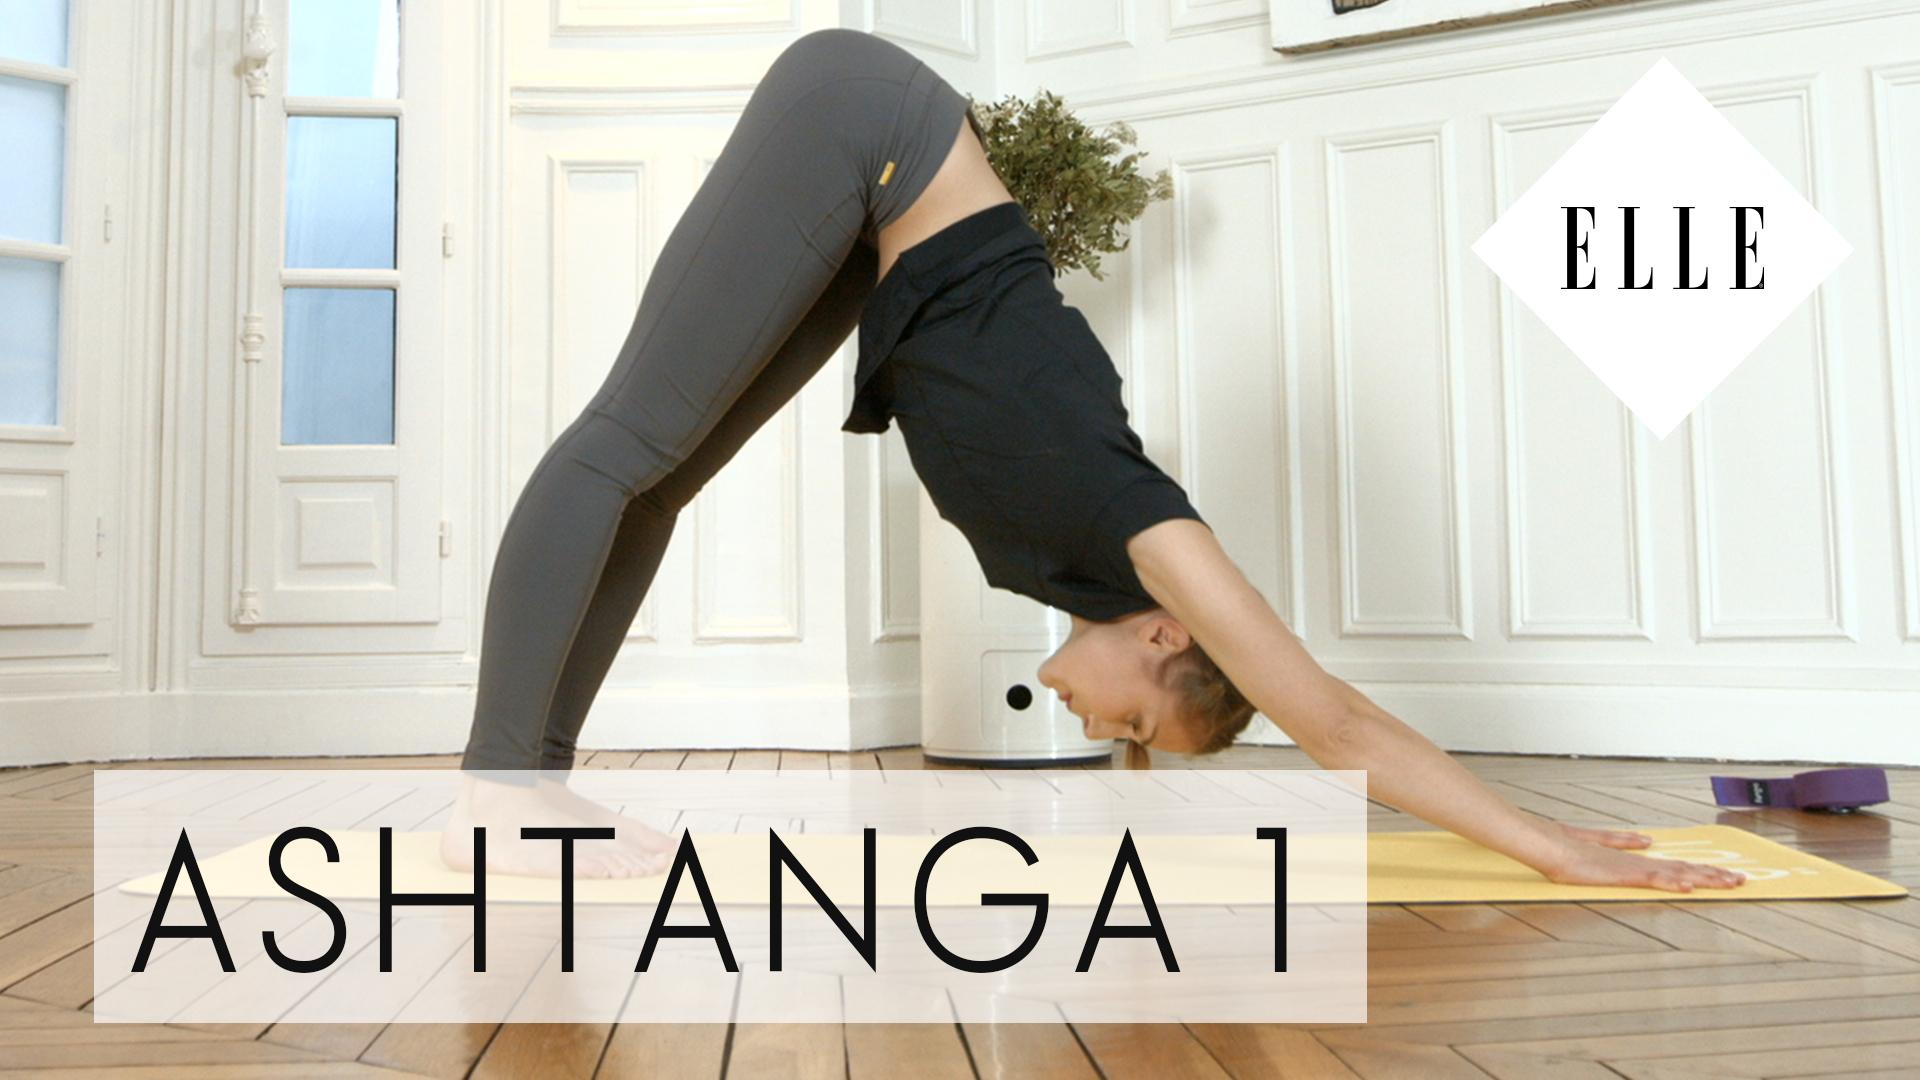 Cours de yoga ashtanga pour d butants elle vid os - Cours de cuisine debutant ...